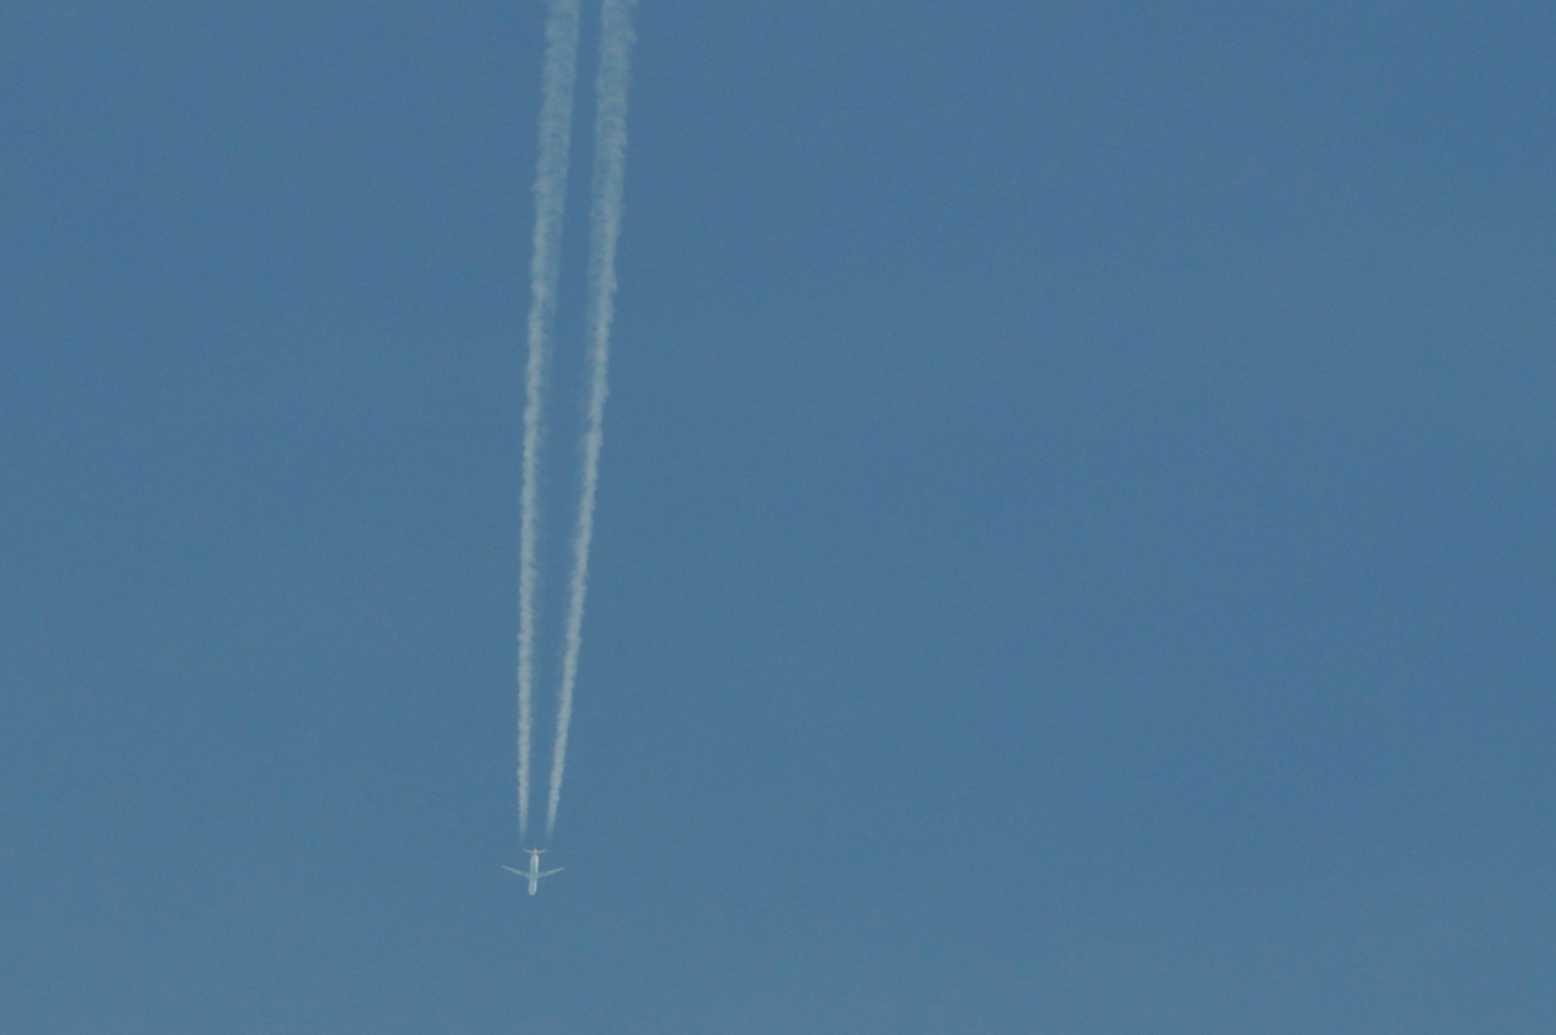 lotnicto_zanieczyszczenie_powietrza